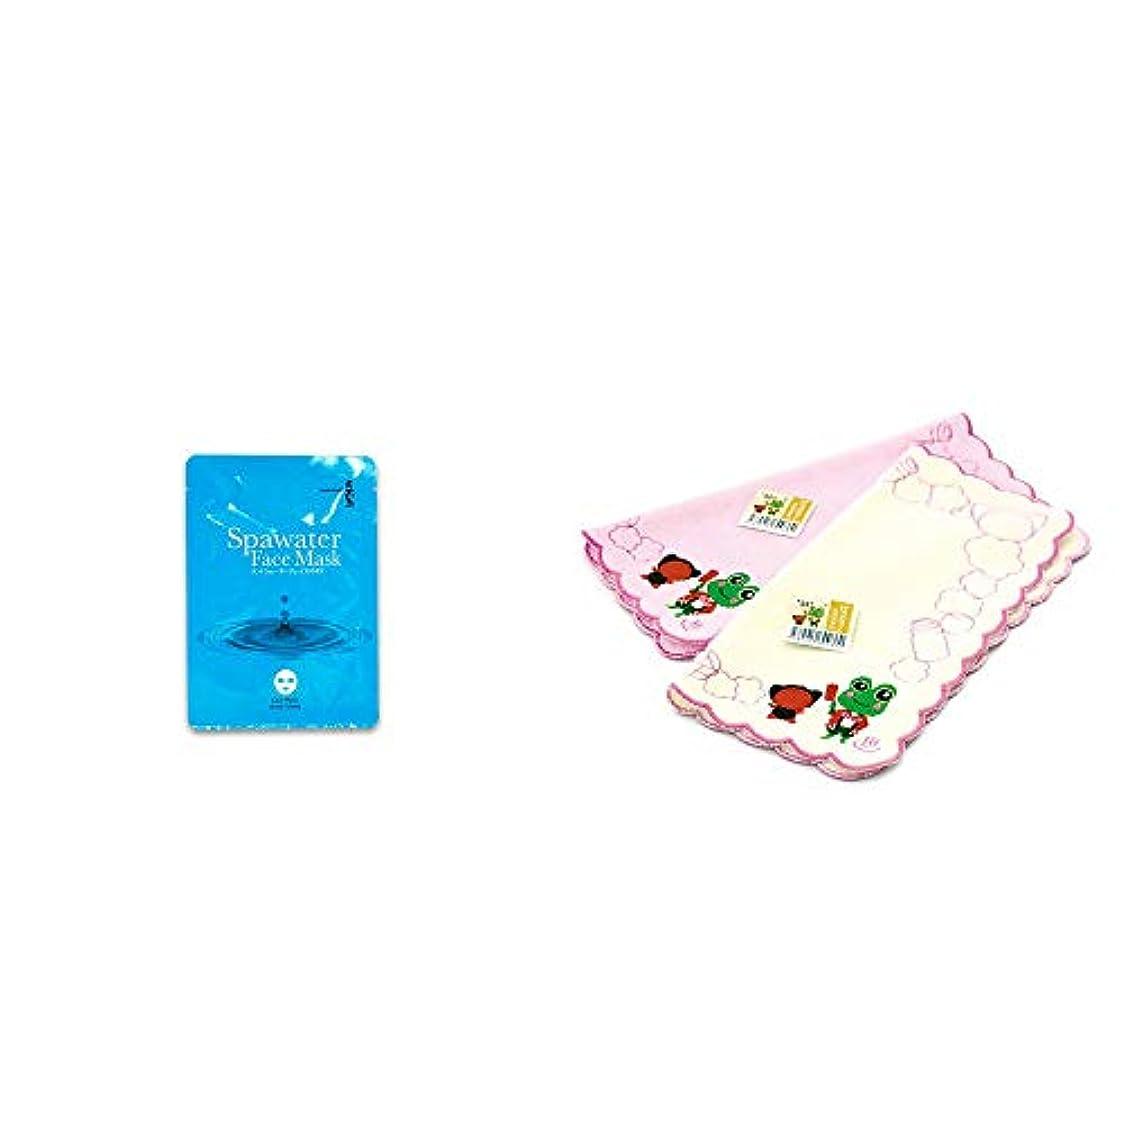 白鳥一流もつれ[2点セット] ひのき炭黒泉 スパウォーターフェイスマスク(18ml×3枚入)?下呂温泉限定 さるぼぼ&げろぐるくん ふわふわタオルハンカチ【ピンク】